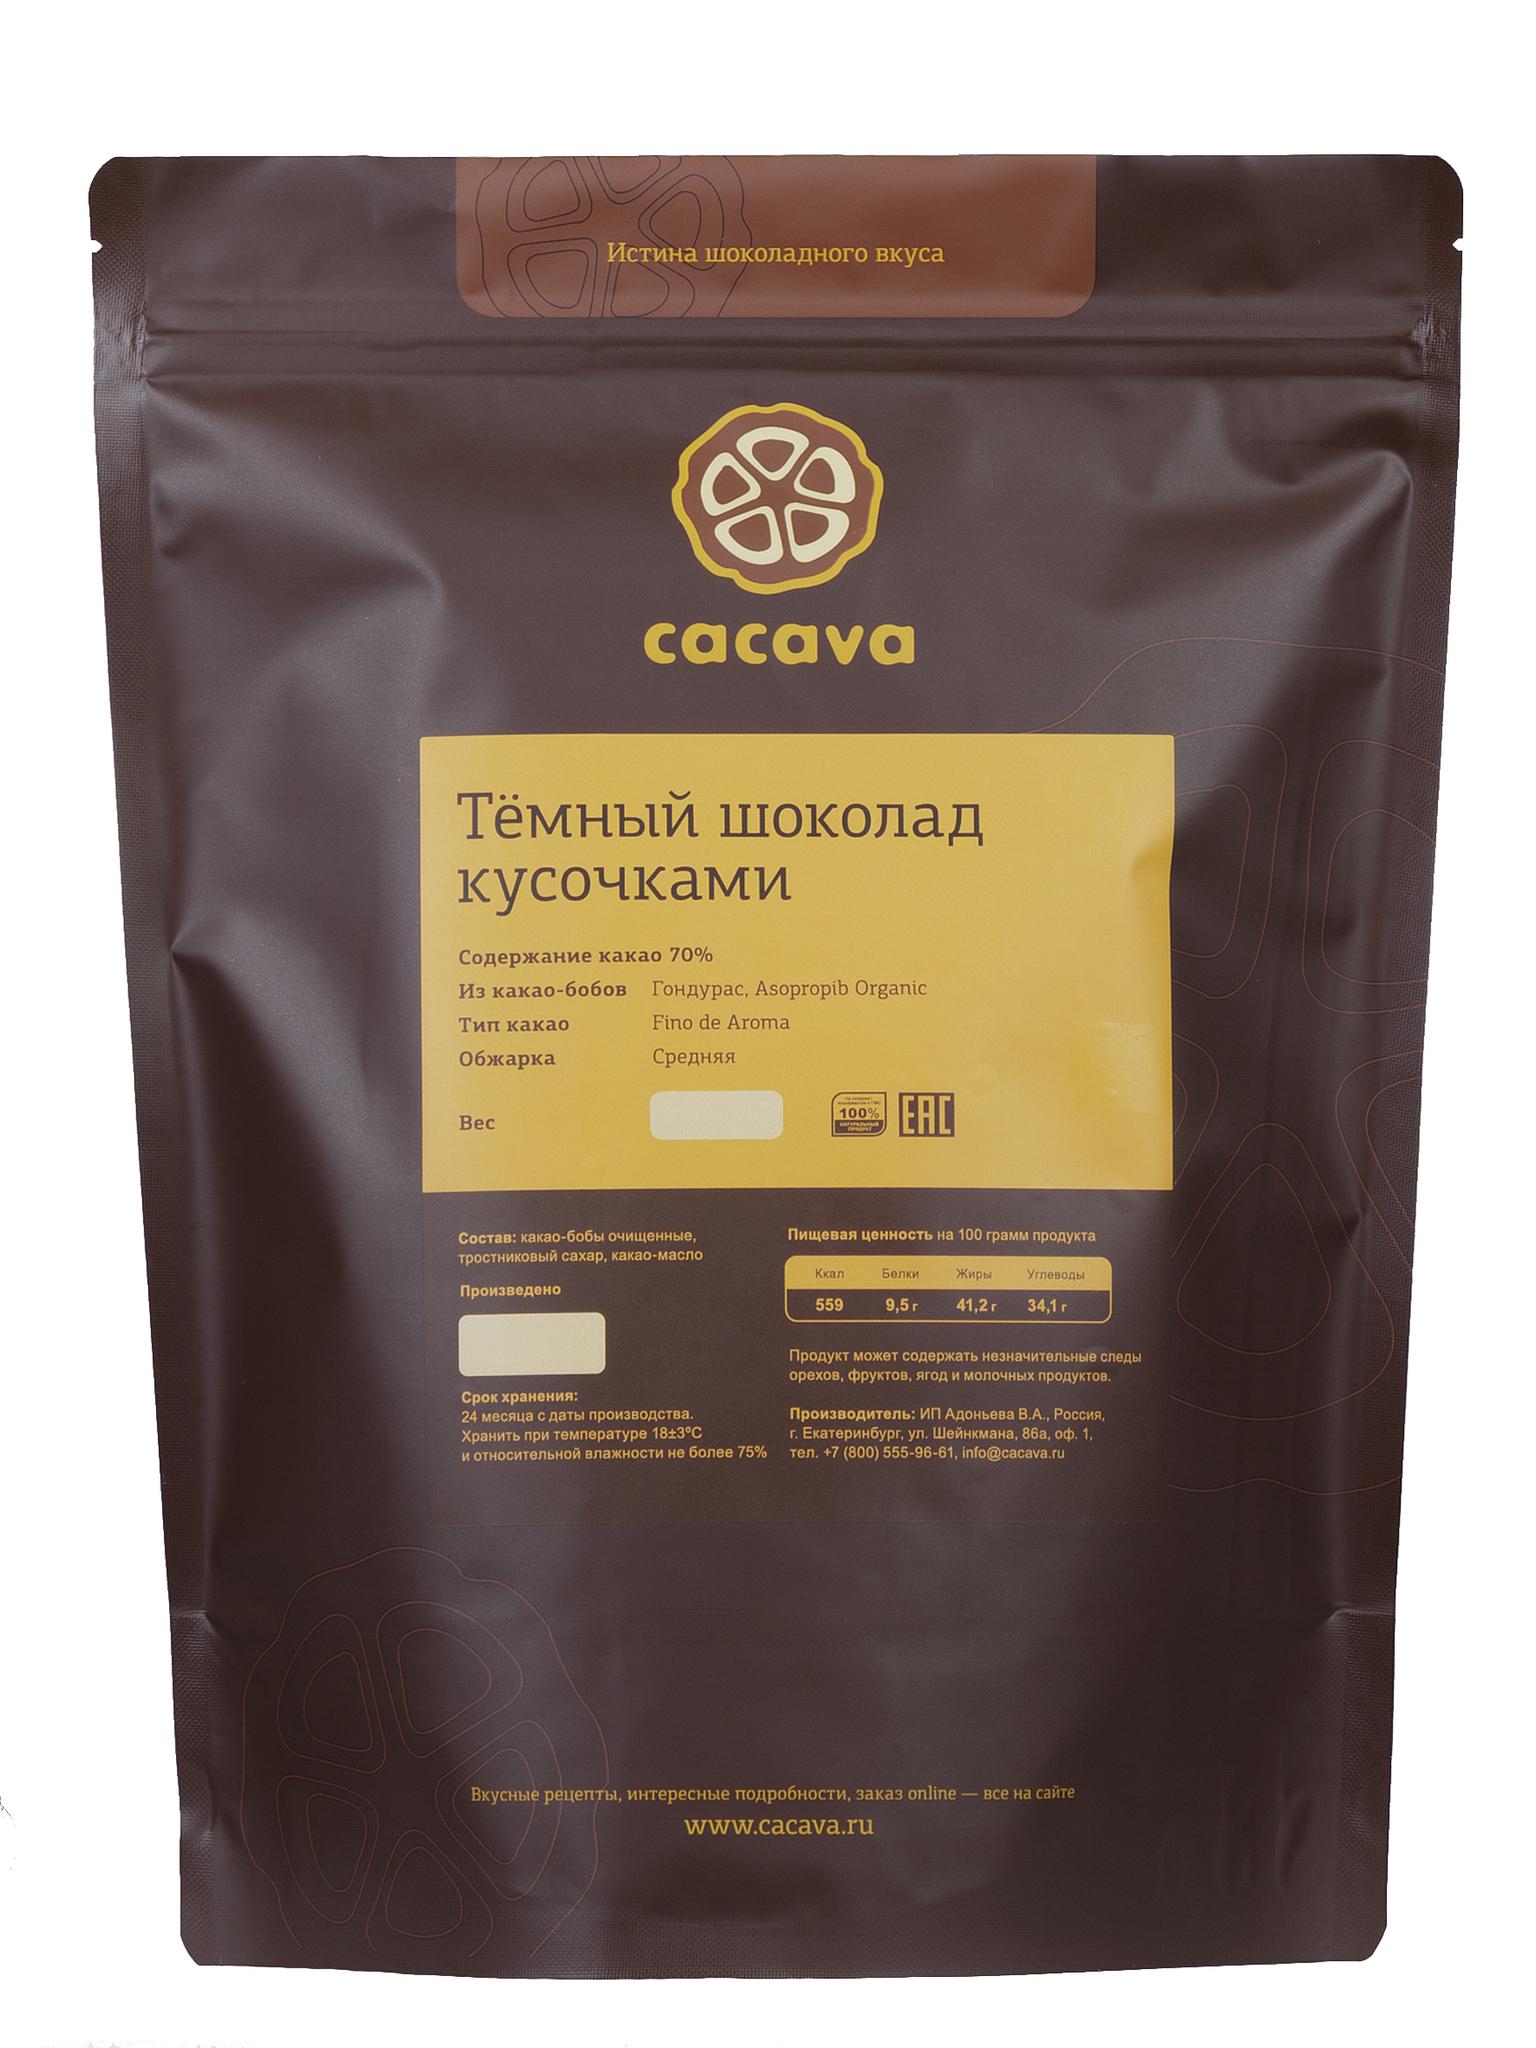 Тёмный шоколад 70 % какао (Гондурас, Asopropib), упаковка 1 кг